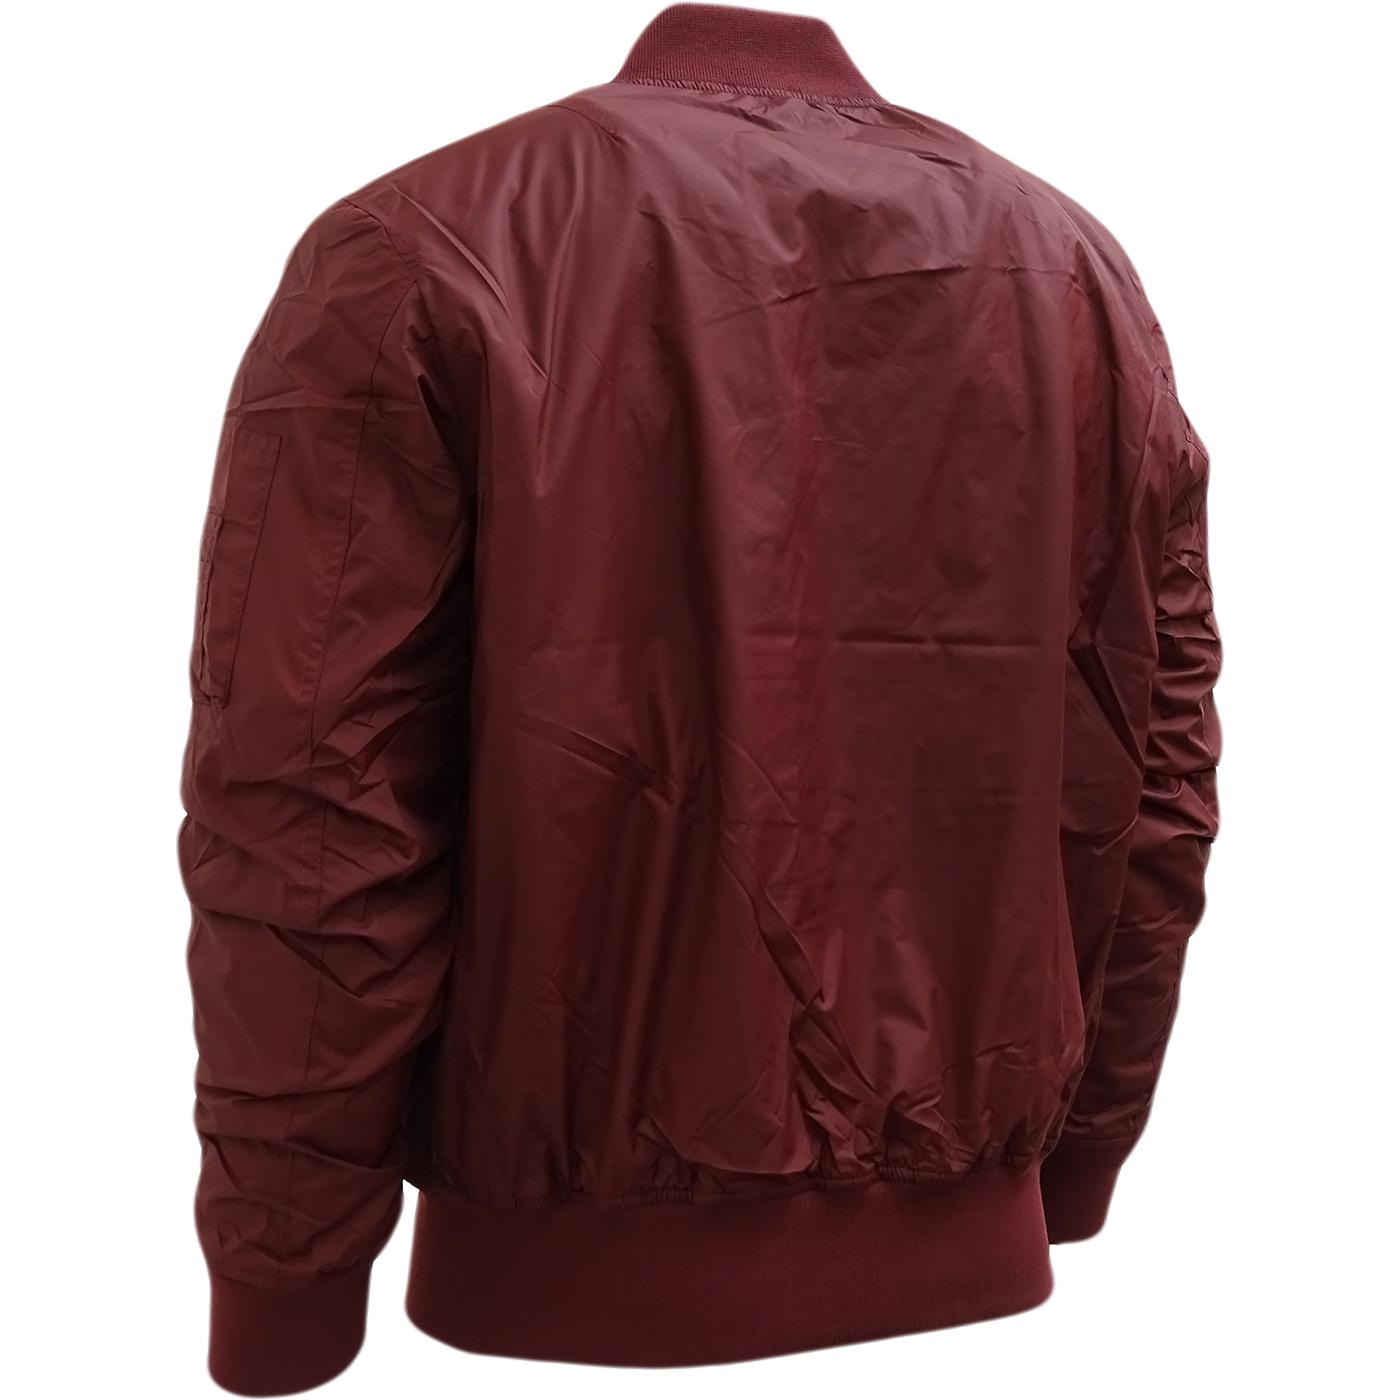 Hype burgundy ma style bomber jacket outerwear coat